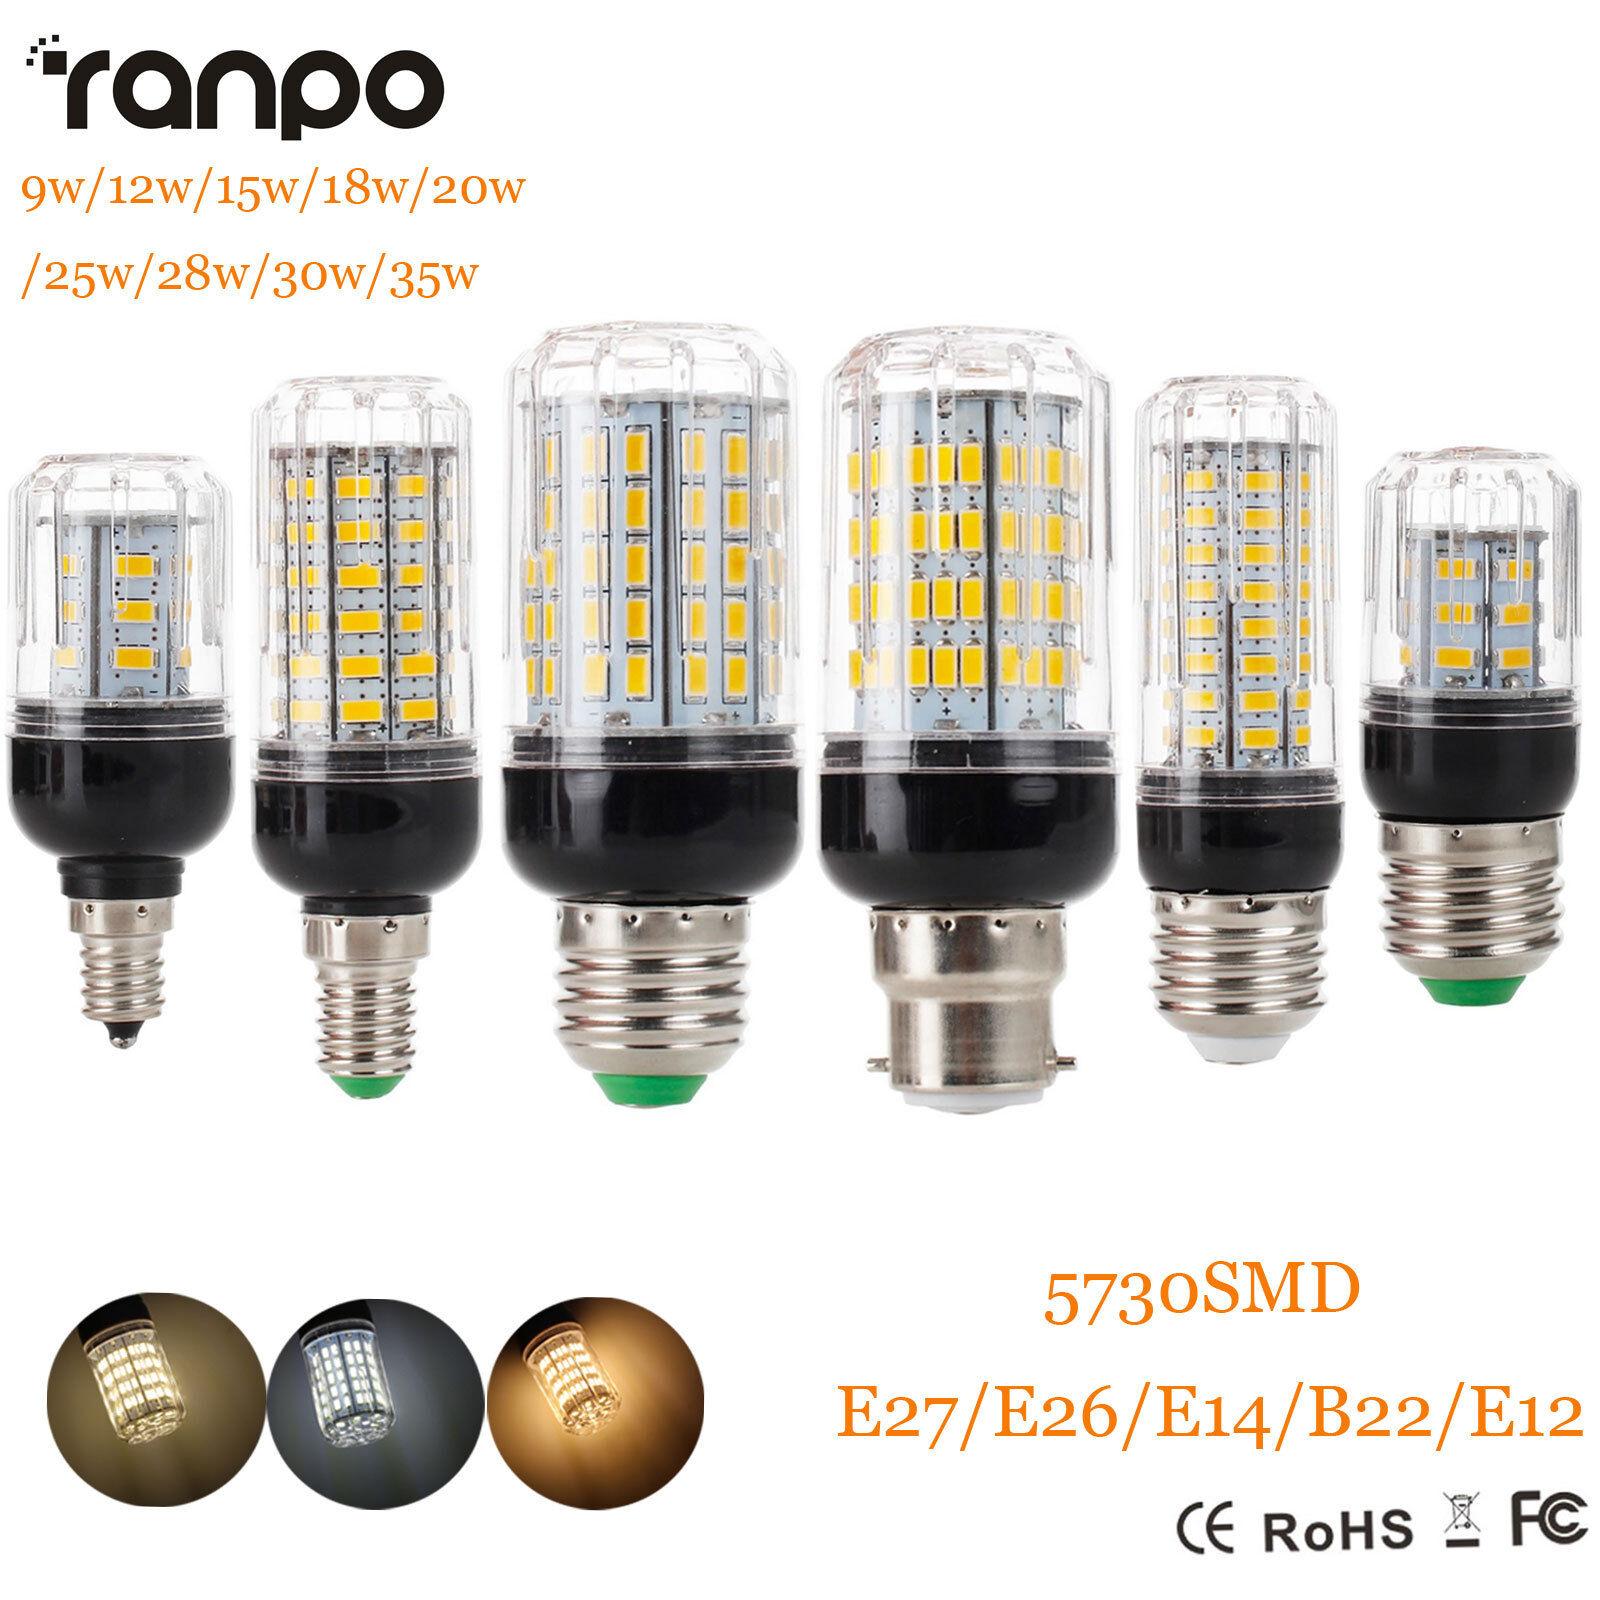 10x Led Driver 5w Dimmable Power Supply 300ma Lighting Transformer 4w 12v Fluorescent Lamp E27 E14 E12 E26 B22 9 35w 5730 Smd Corn Bulb Light Bright 110v 220v Dc